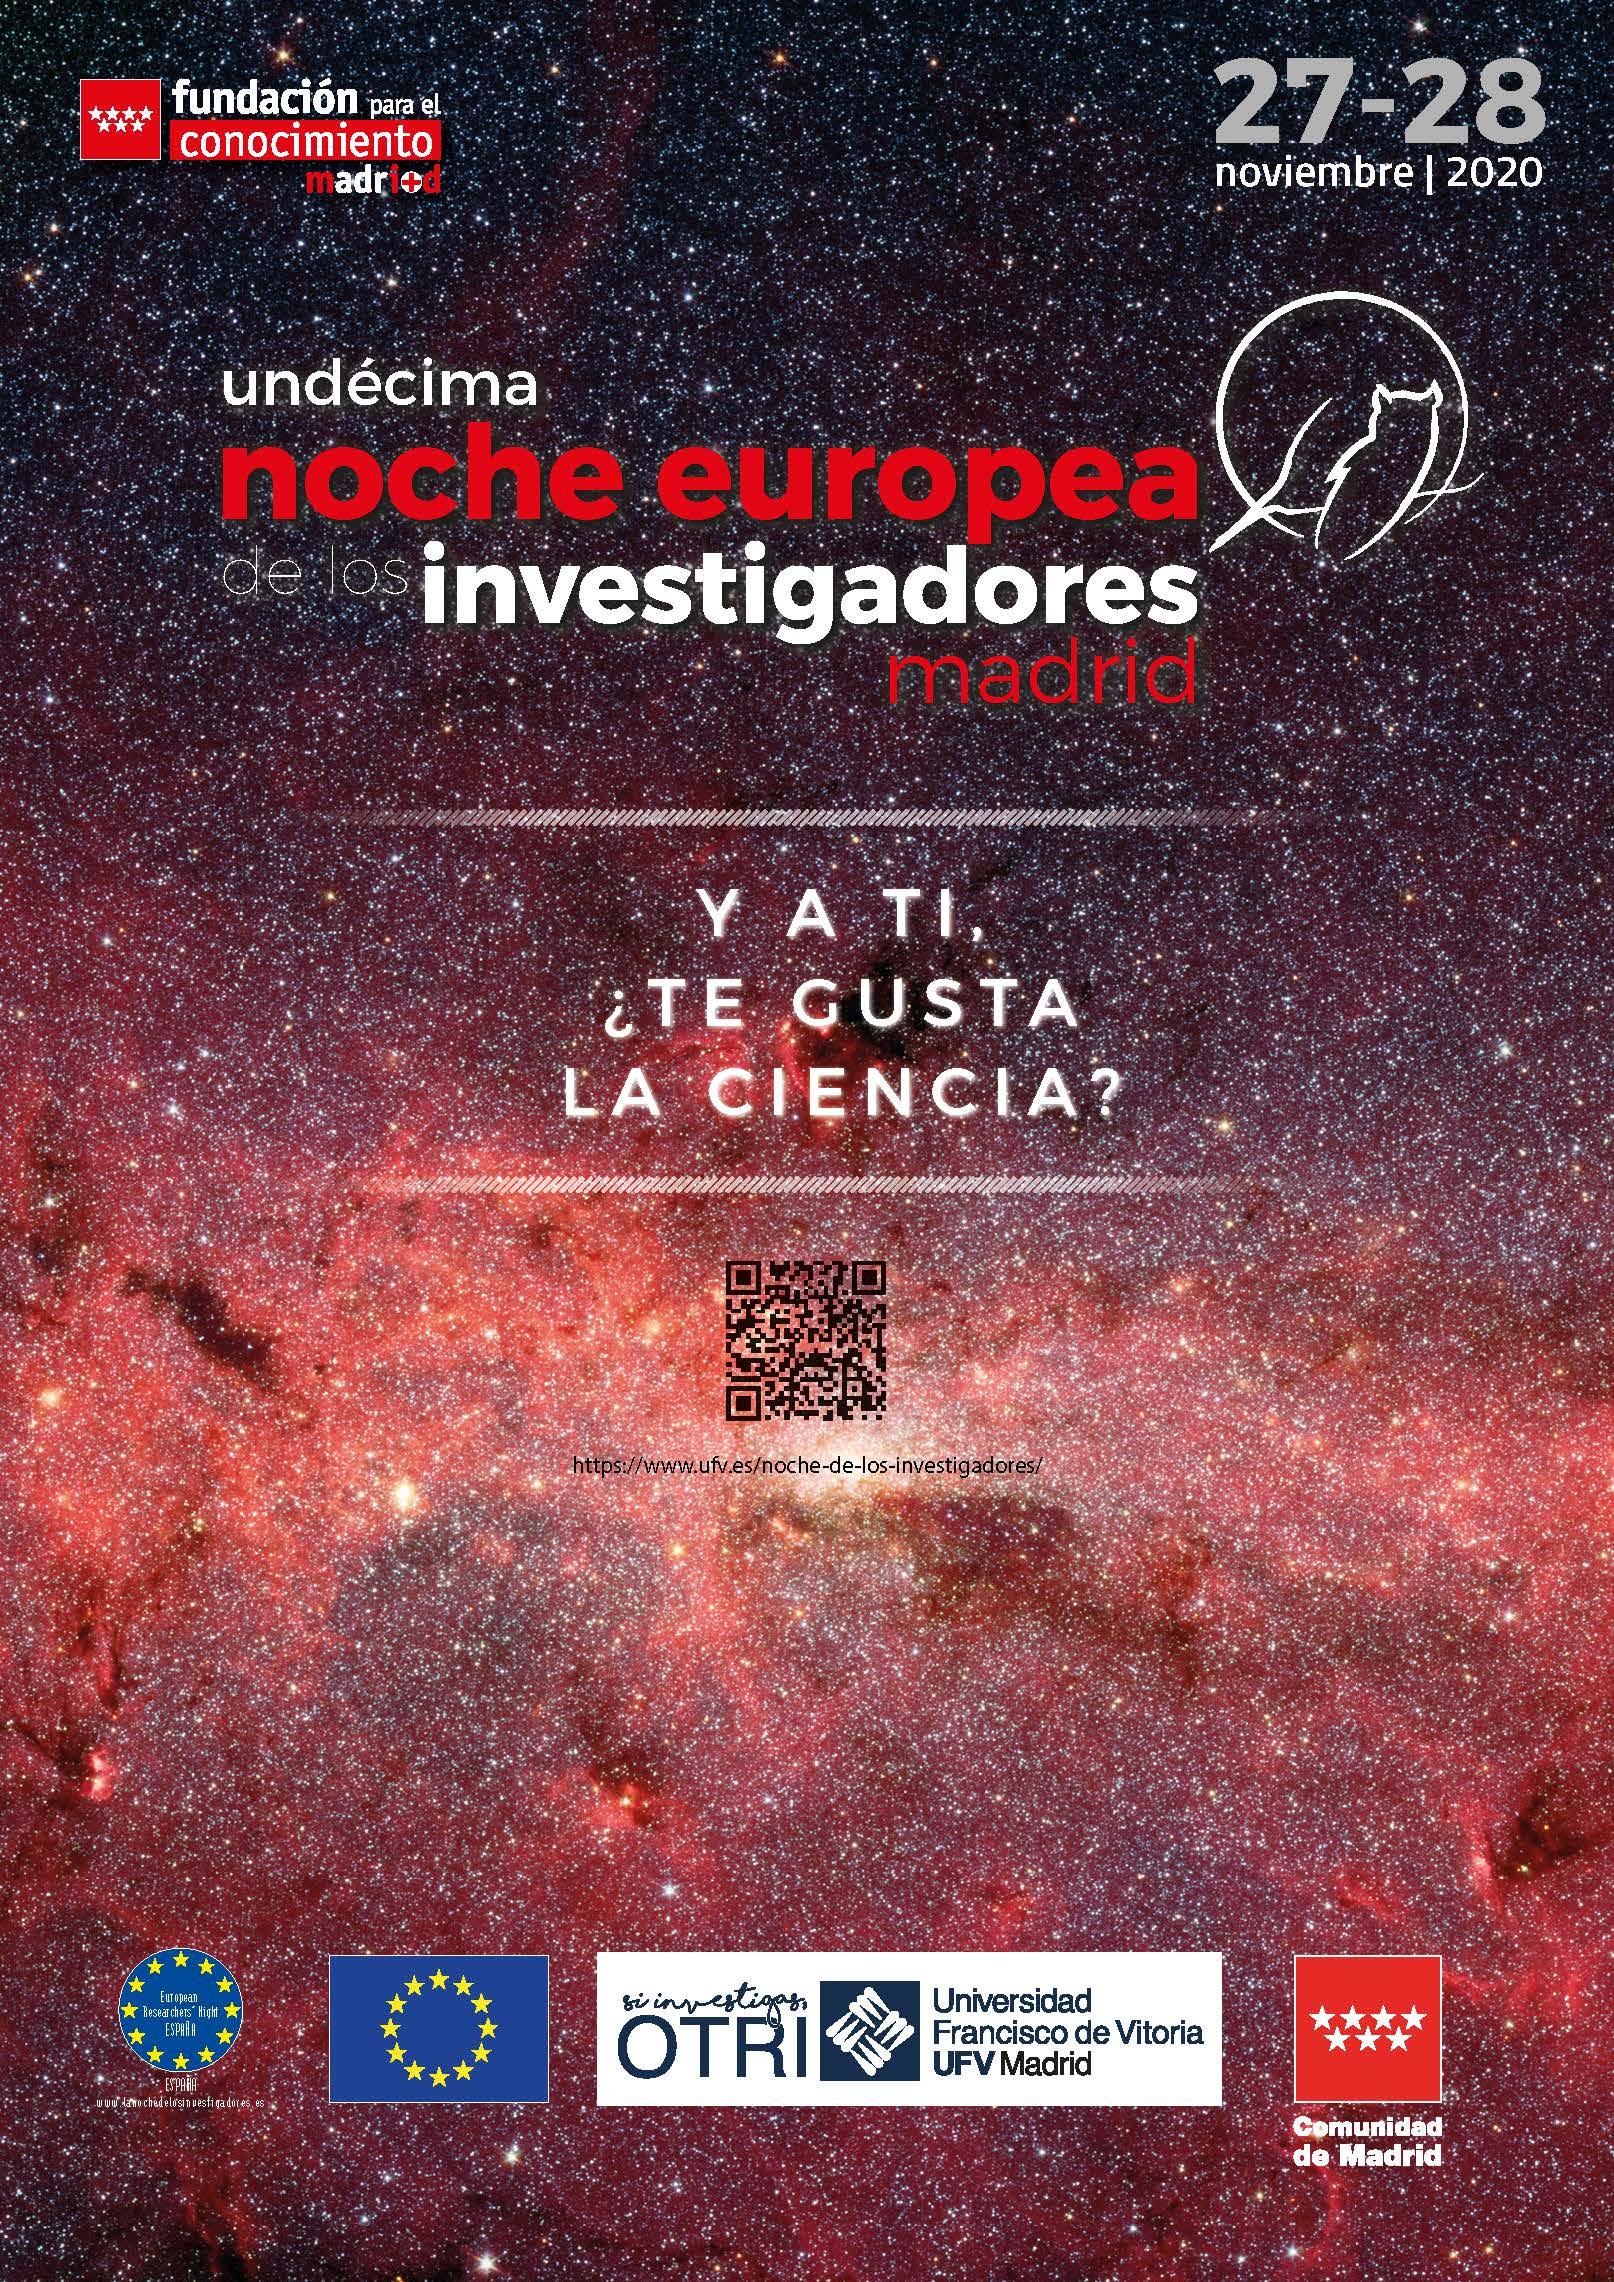 2020 11 17 cartel noche europea 2020 Oficina de Transferencia de Resultados de Investigación (OTRI) Estudiar en Universidad Privada Madrid